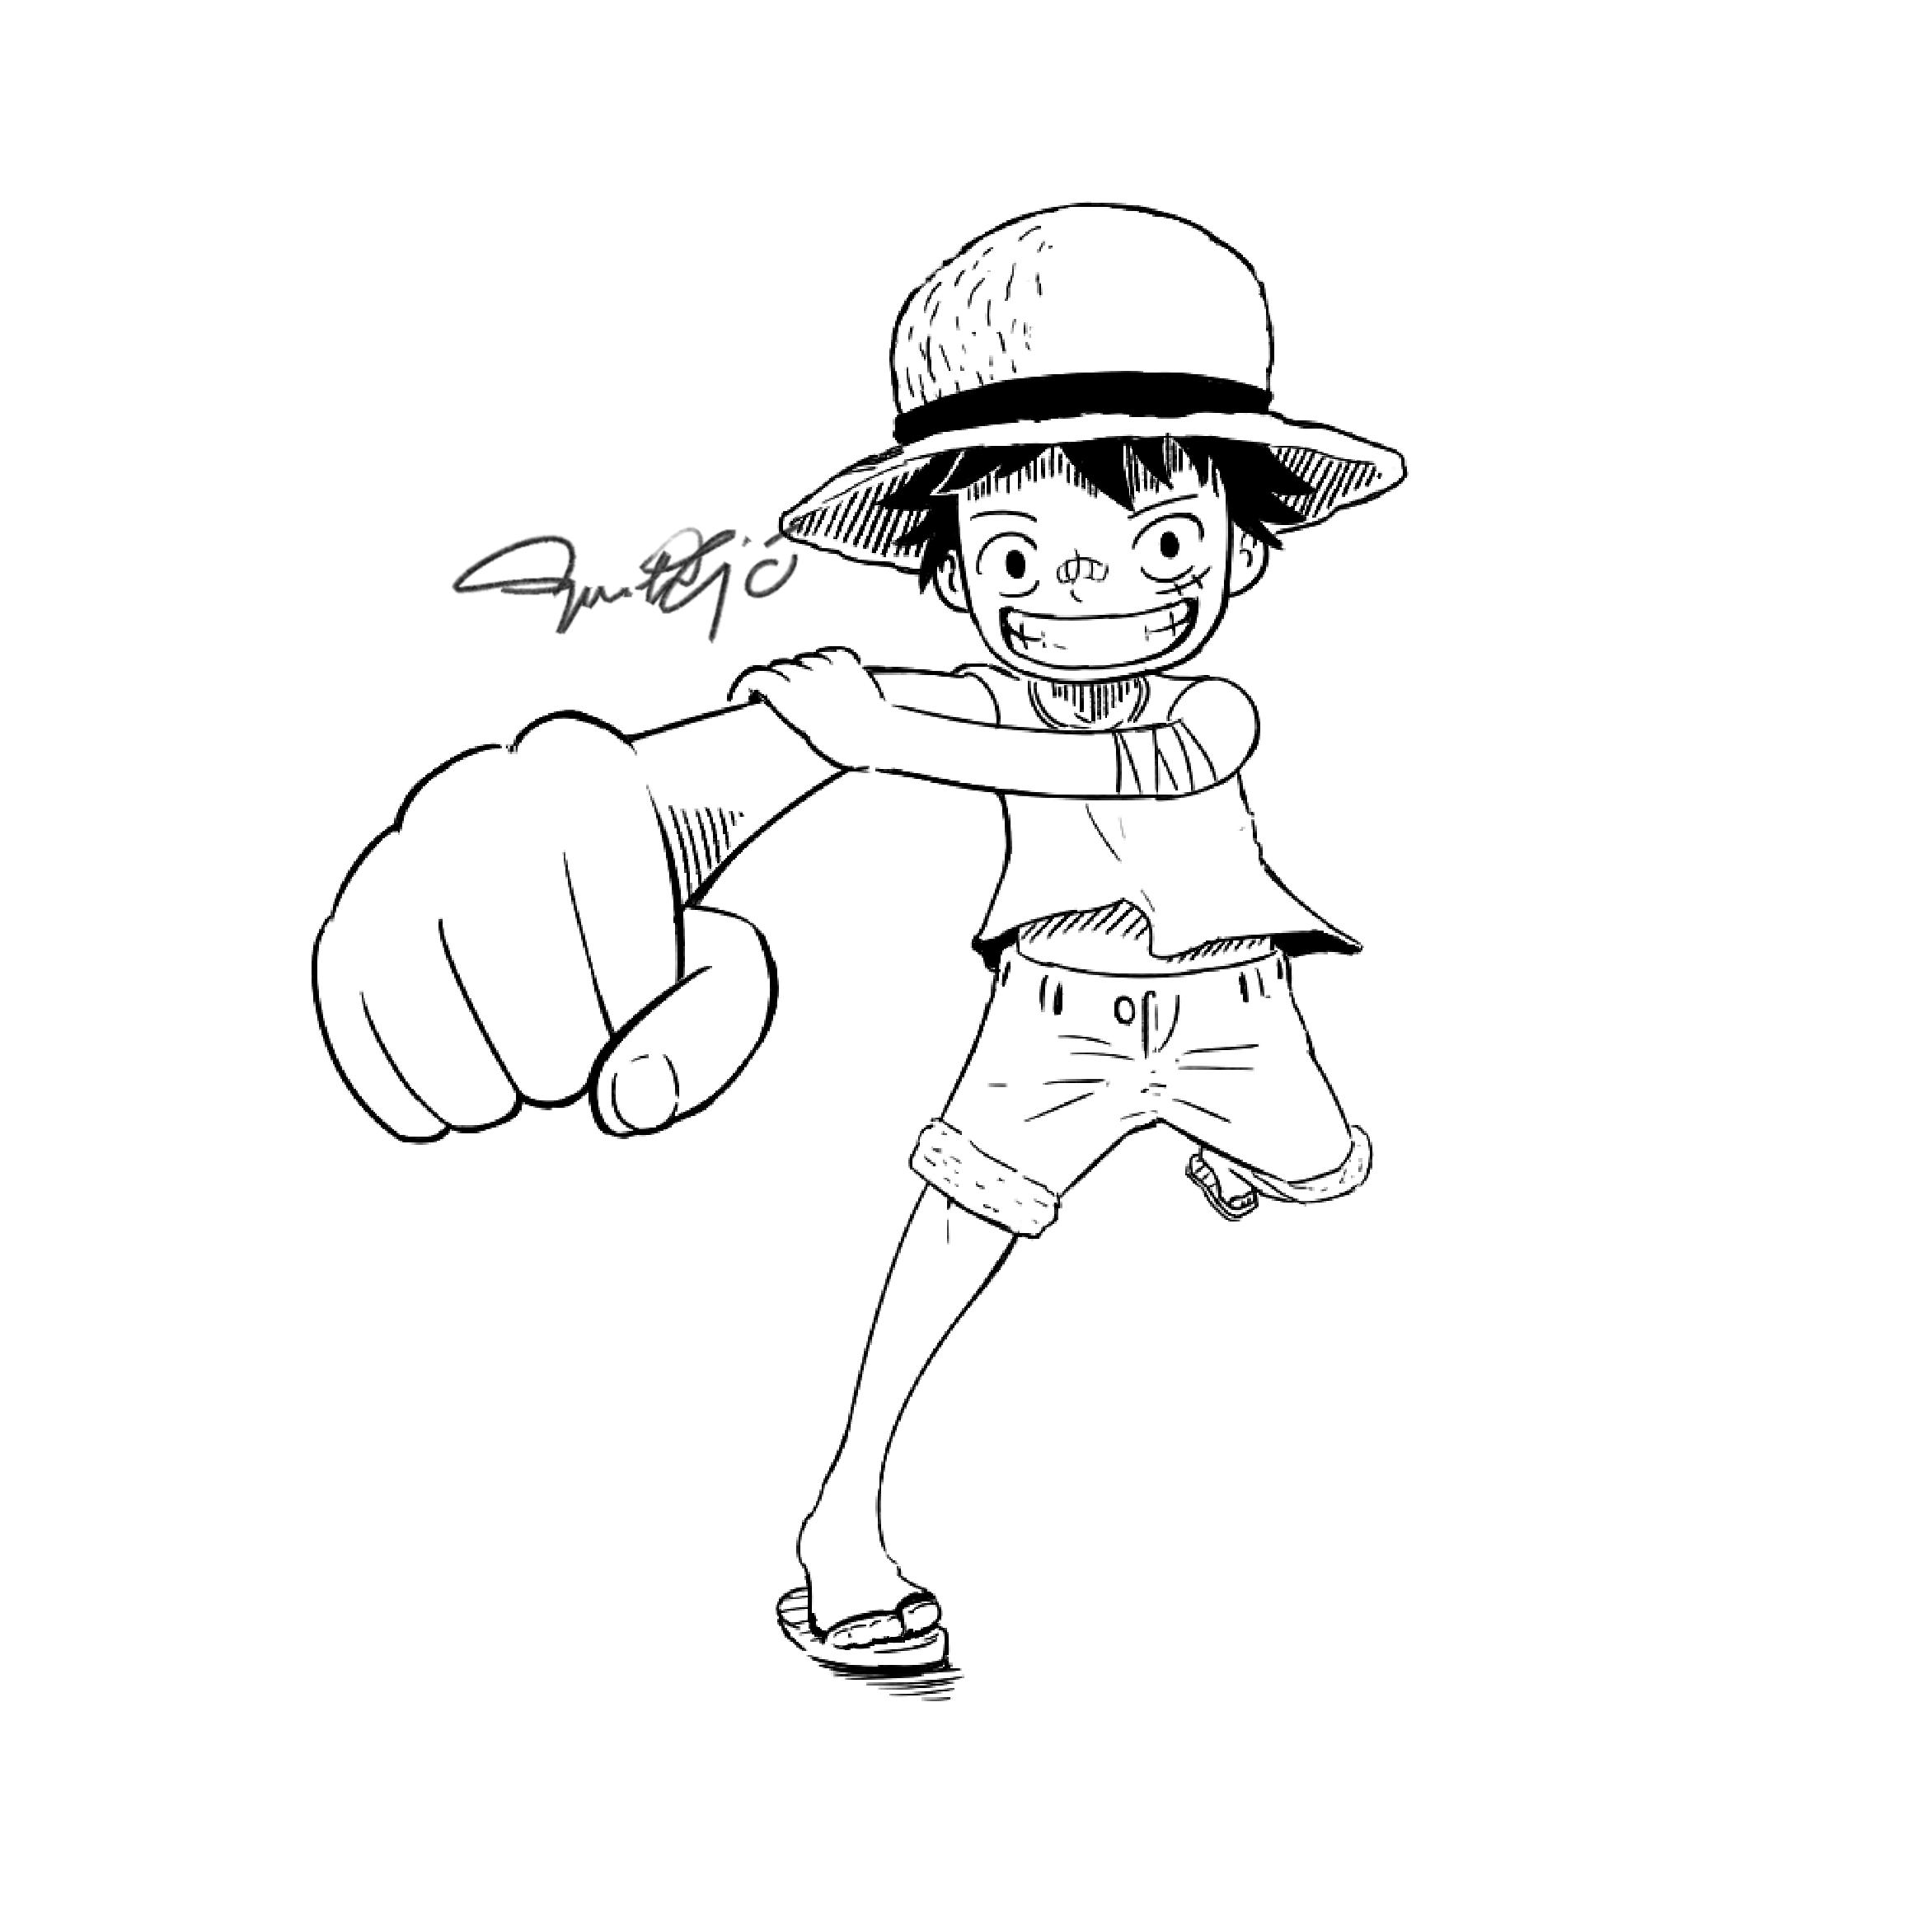 Tranh tô màu Luffy của One Piece rất đẹp